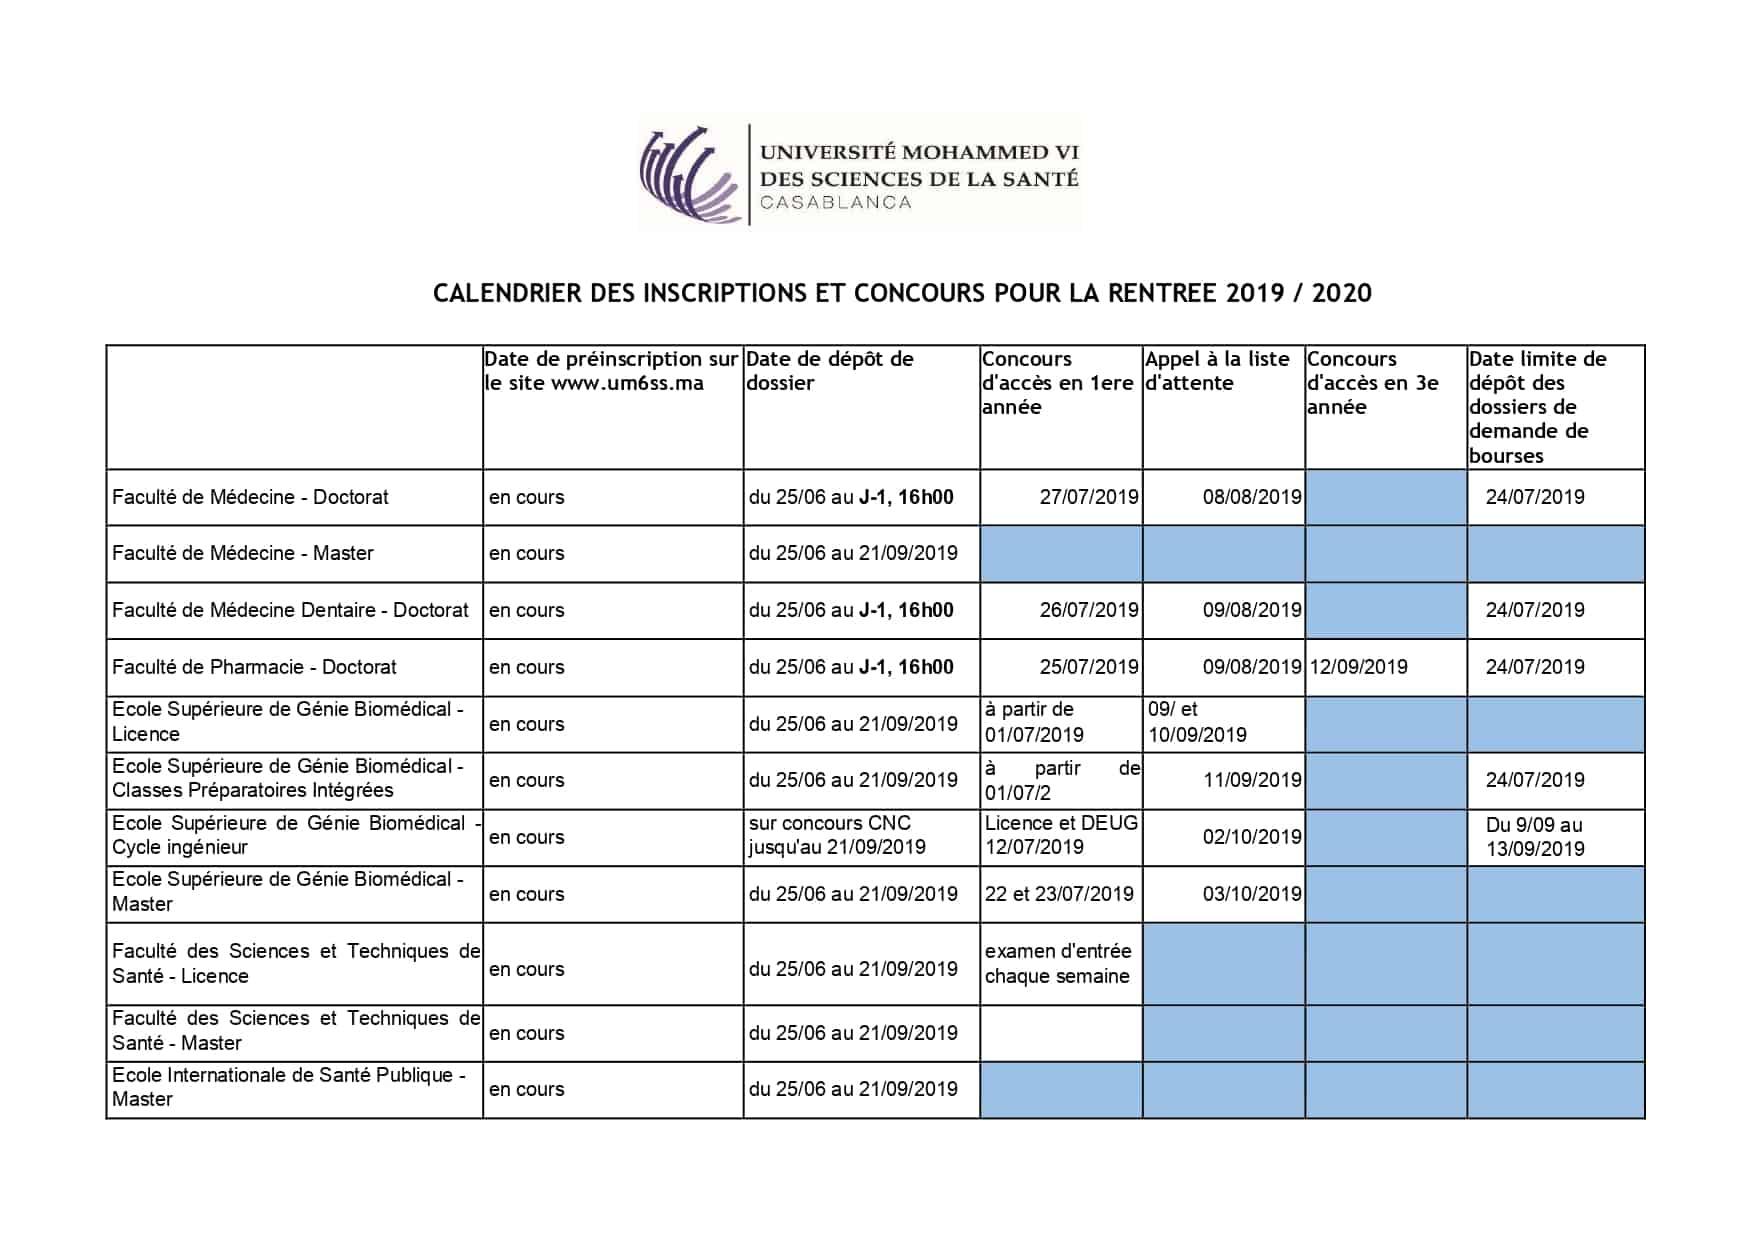 Concours Calendrier.Calendrier Des Inscriptions Et Concours Universite